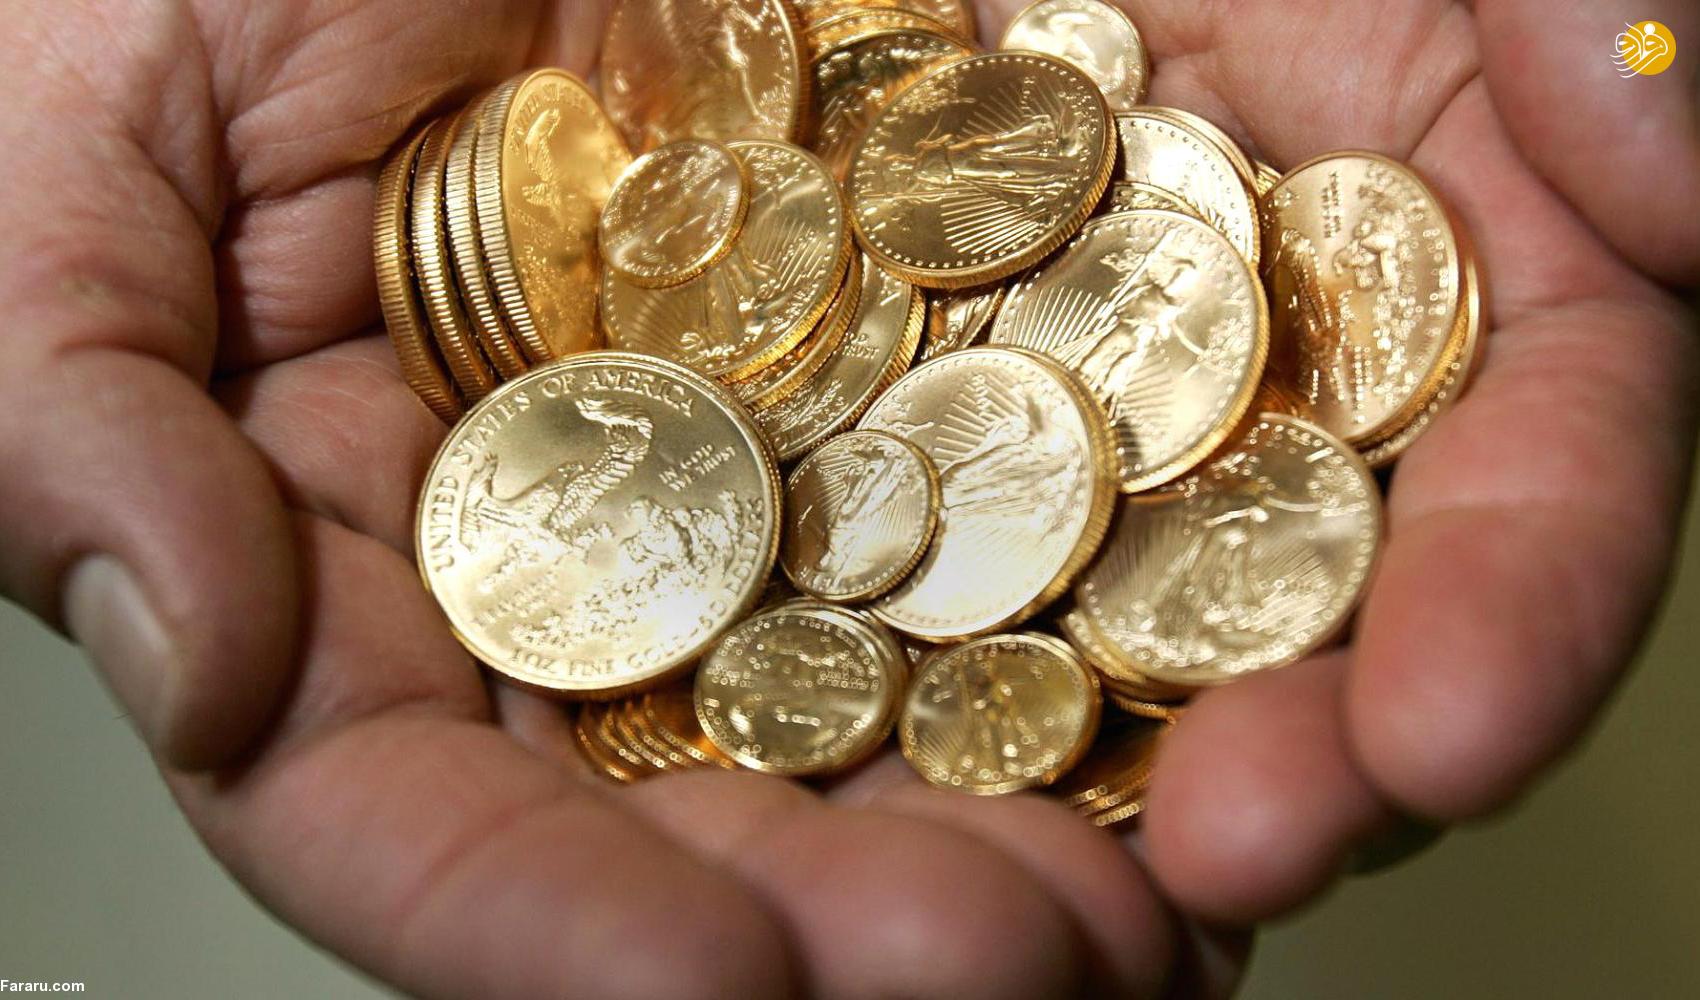 قیمت طلا و قیمت سکه در بازار امروز سهشنبه ۴ دی ۹۷